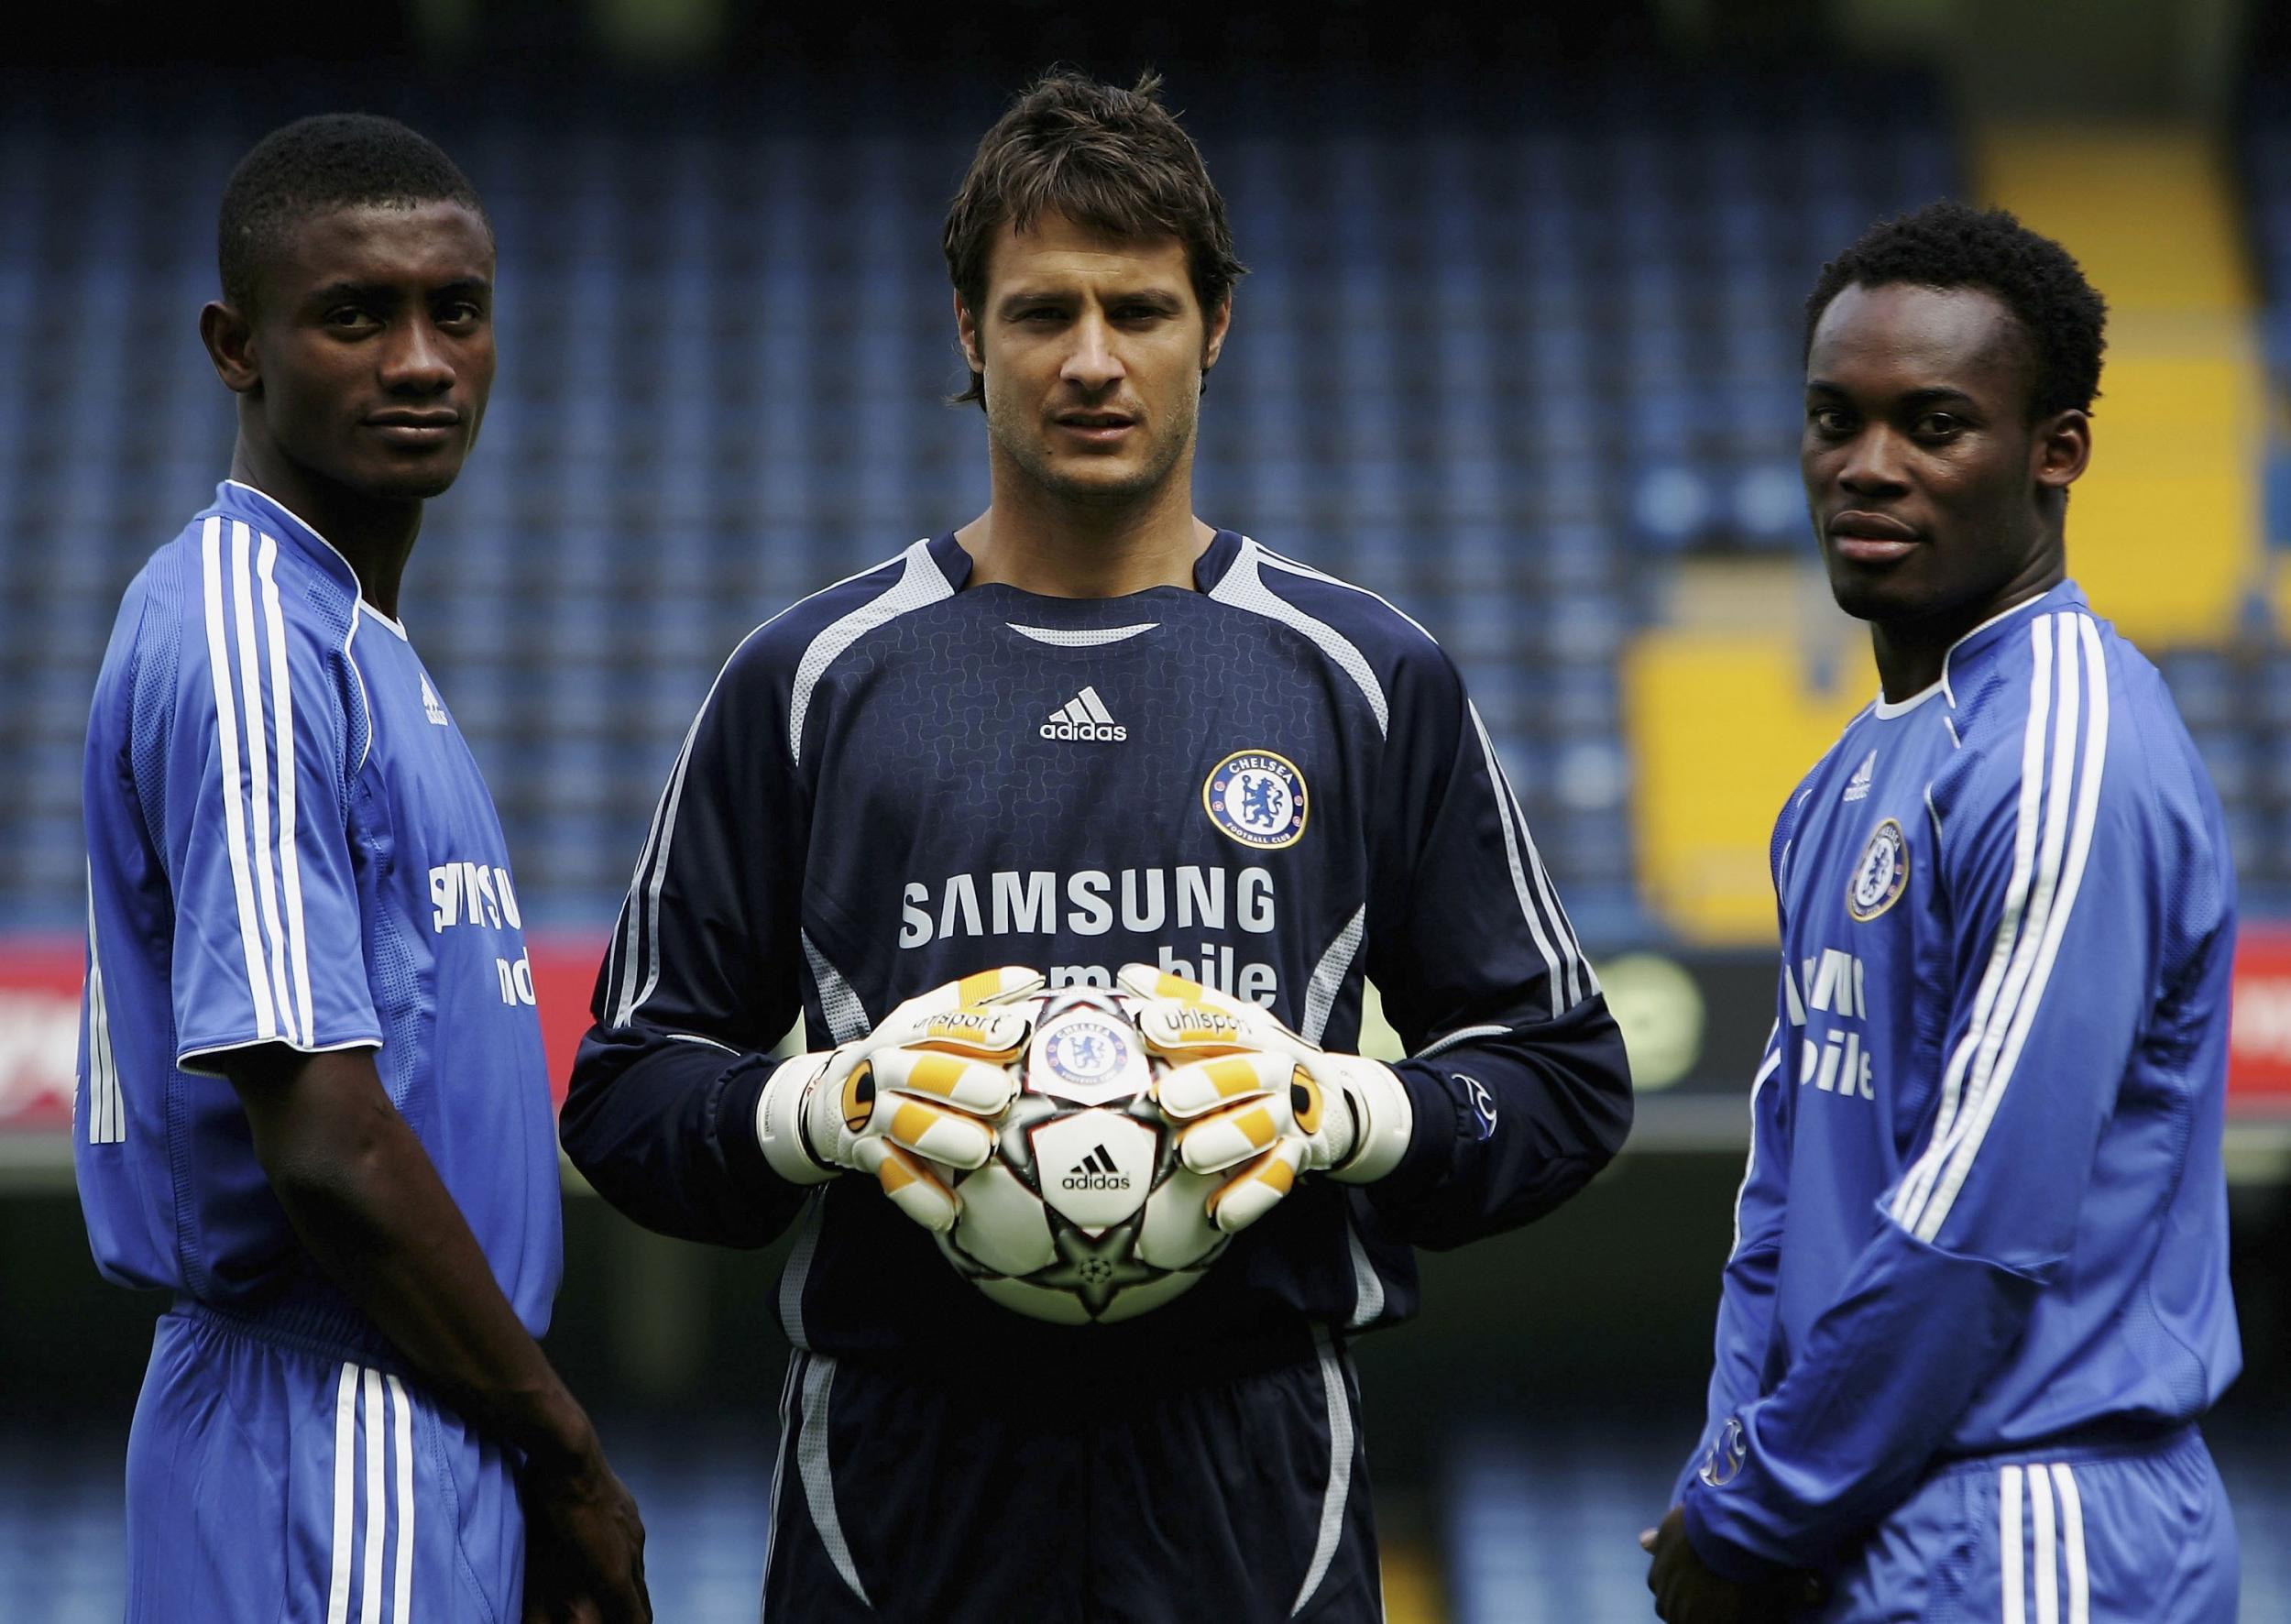 13. Chelsea